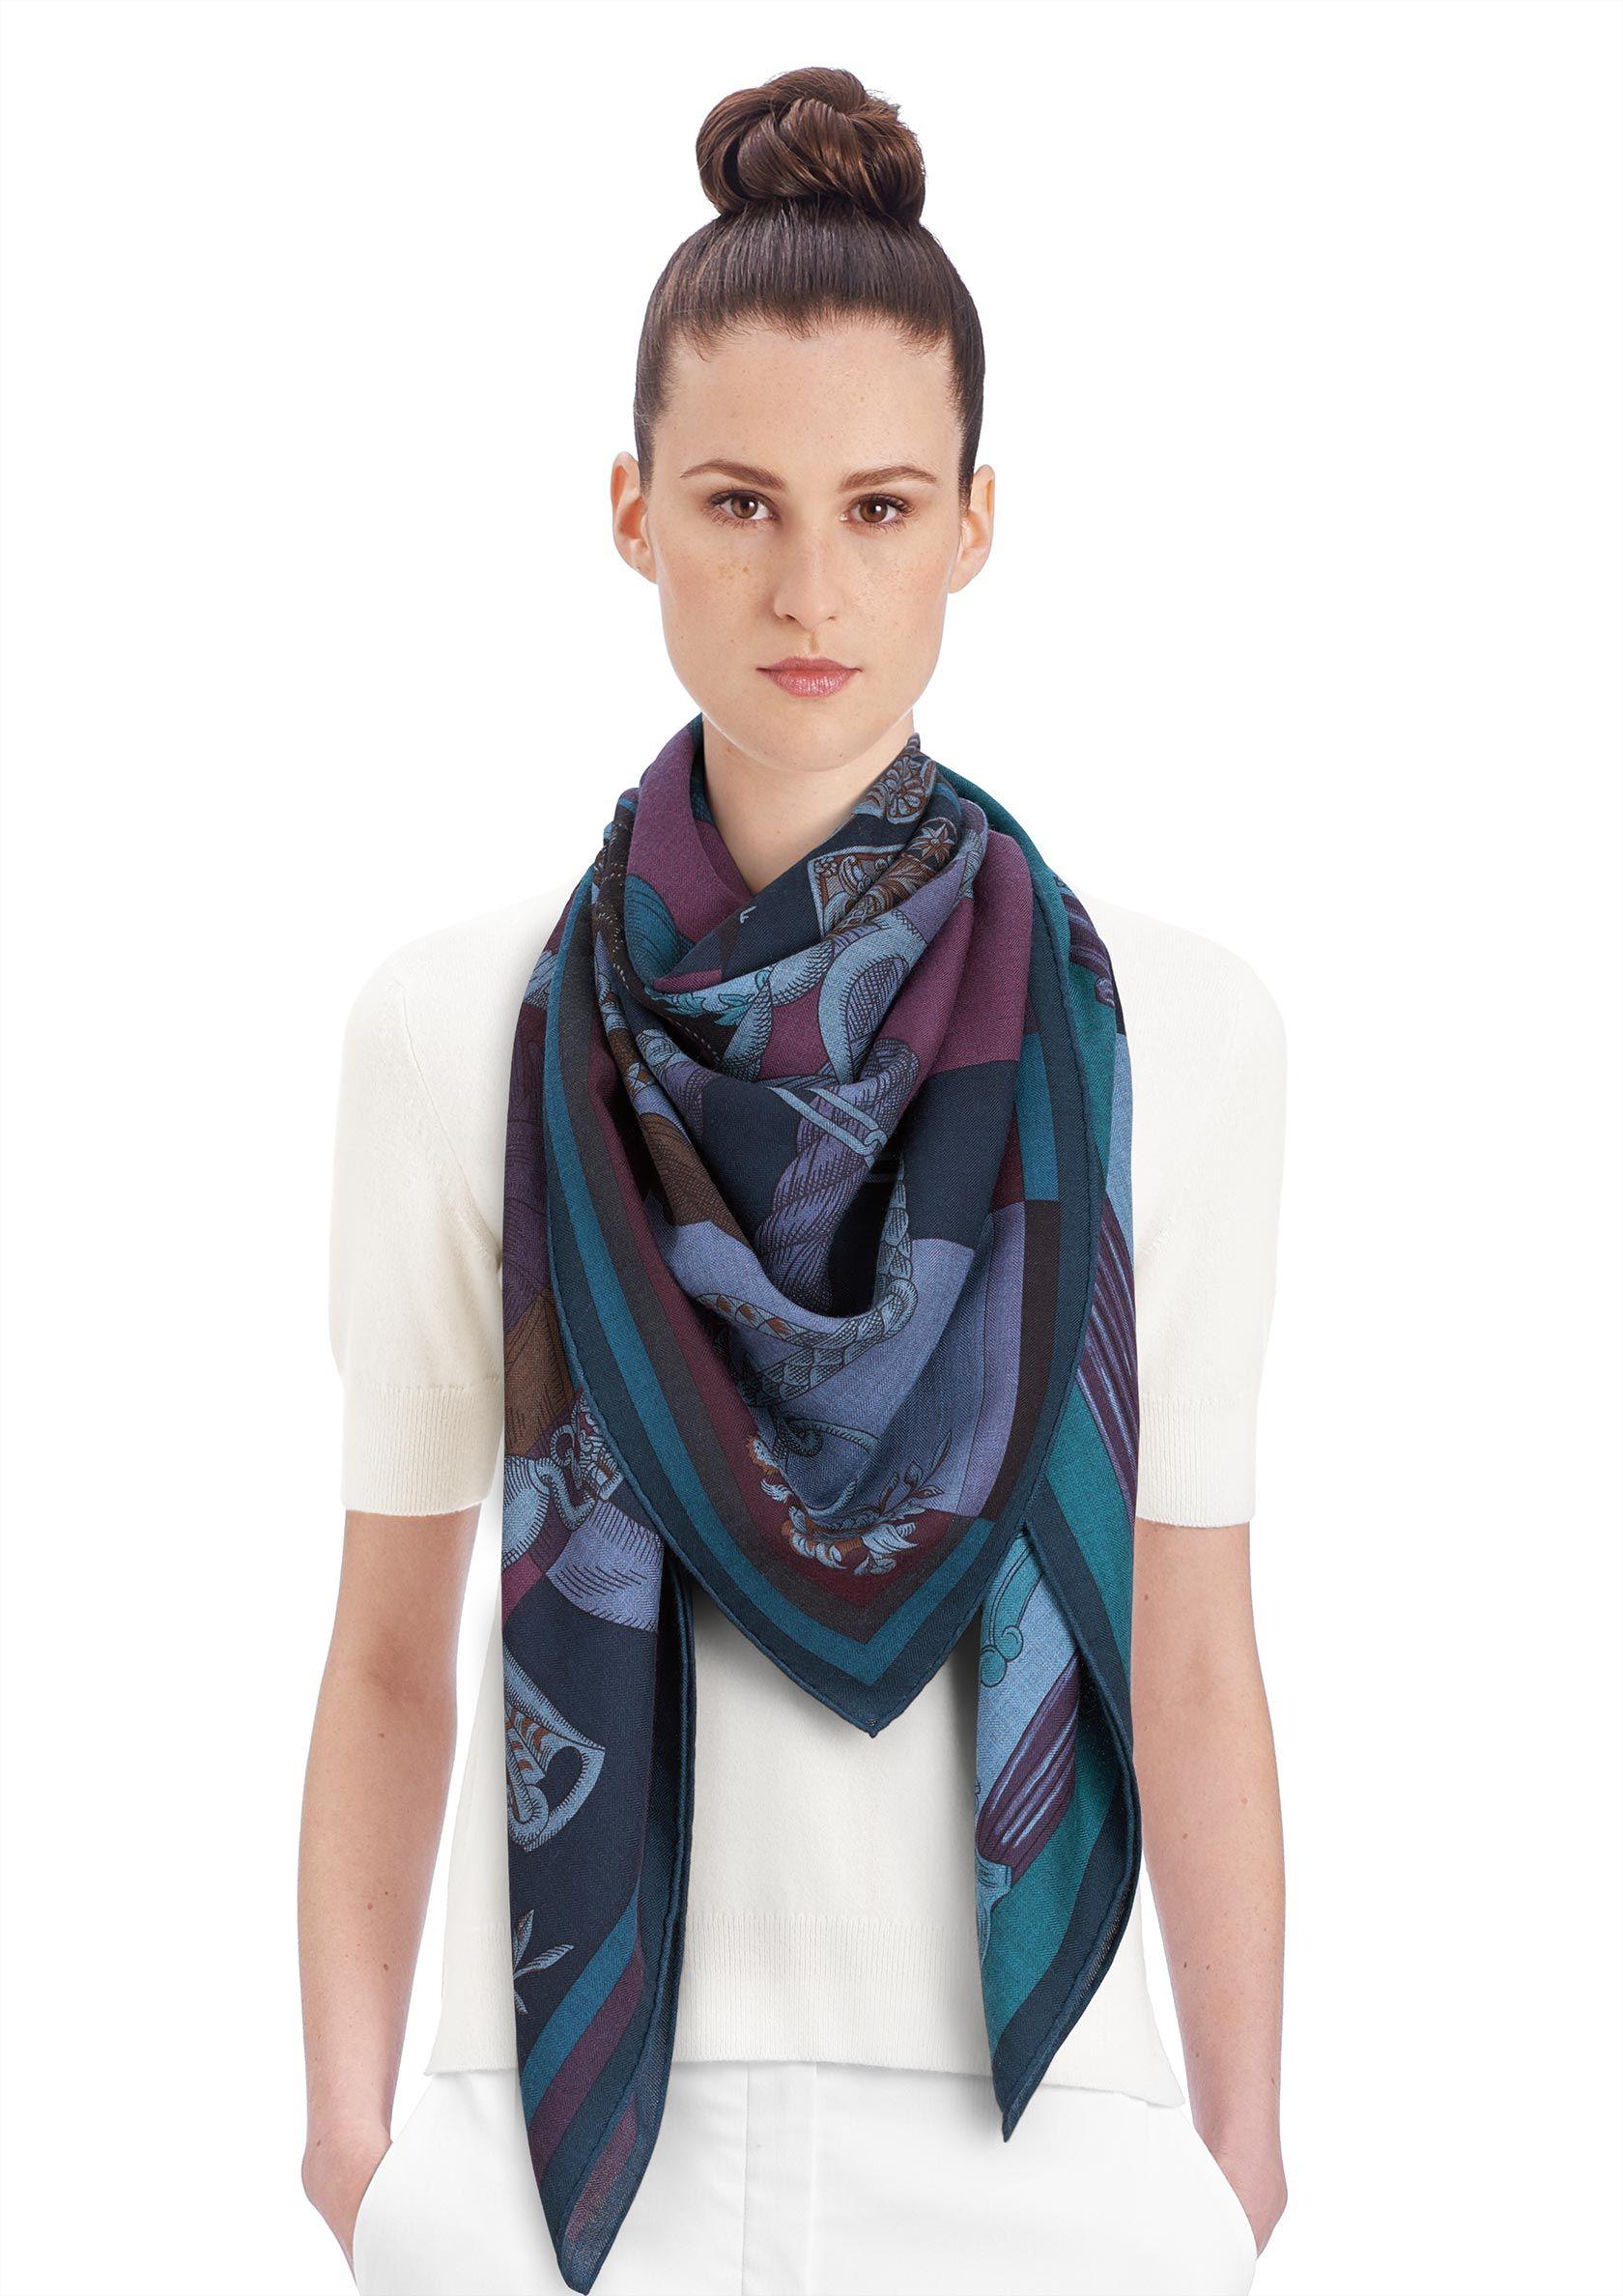 a41e94e7fe1e Hermès cashmere and silk shawl, 55. Cavalleria d Etriers.  Blue purple violet. Designed by Virginie Jamin   Francoise De La Perriere.